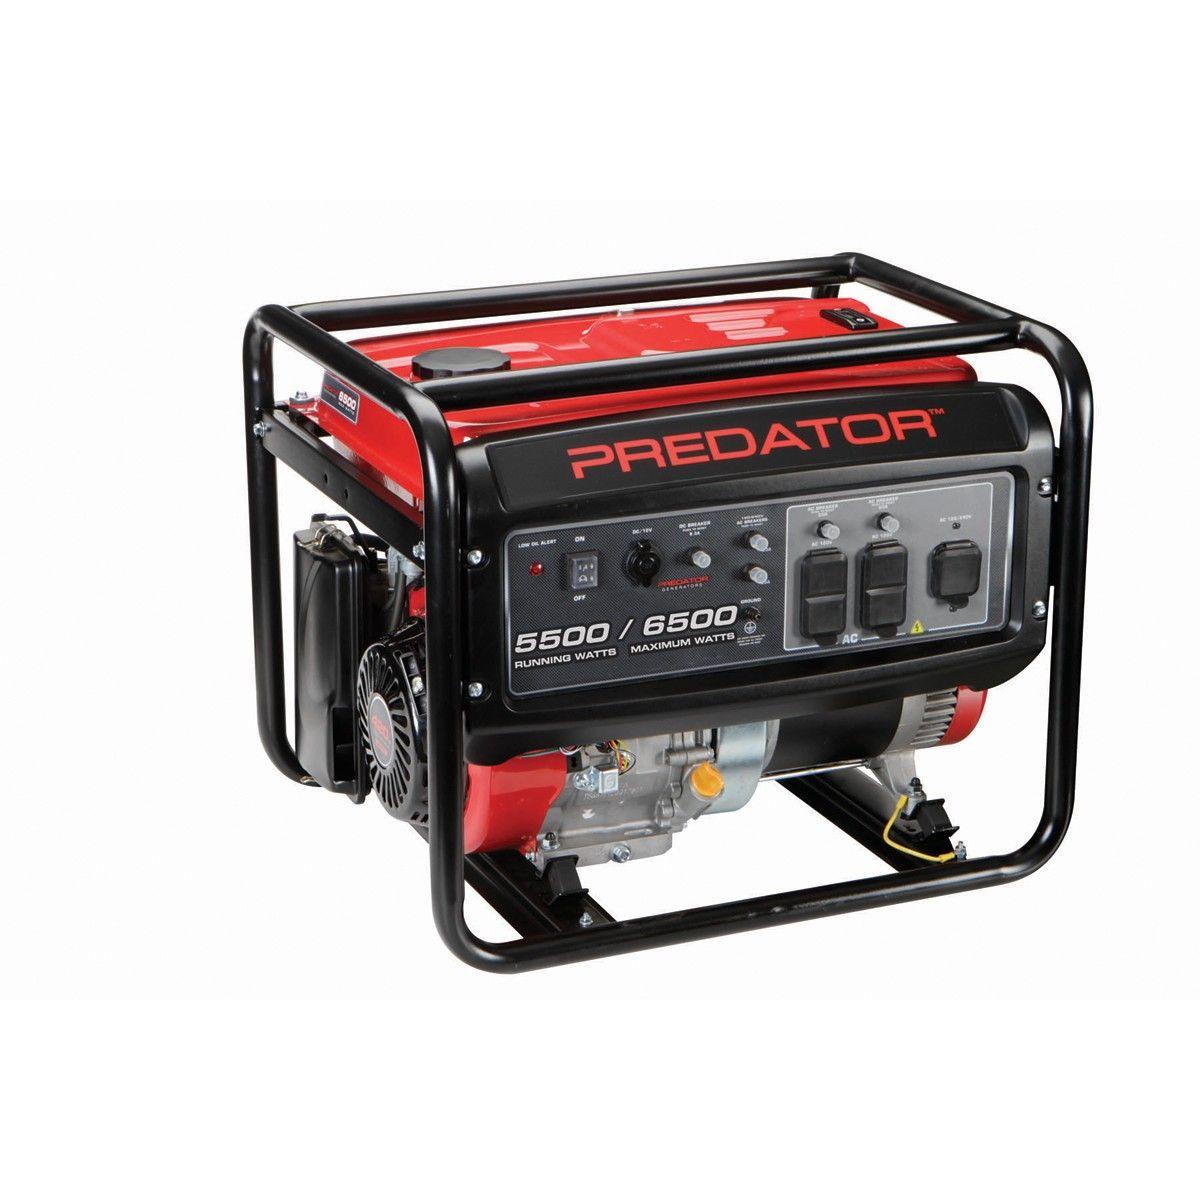 6500 Peak/5500 Running Watts, 13 HP (420cc) Gas Generator